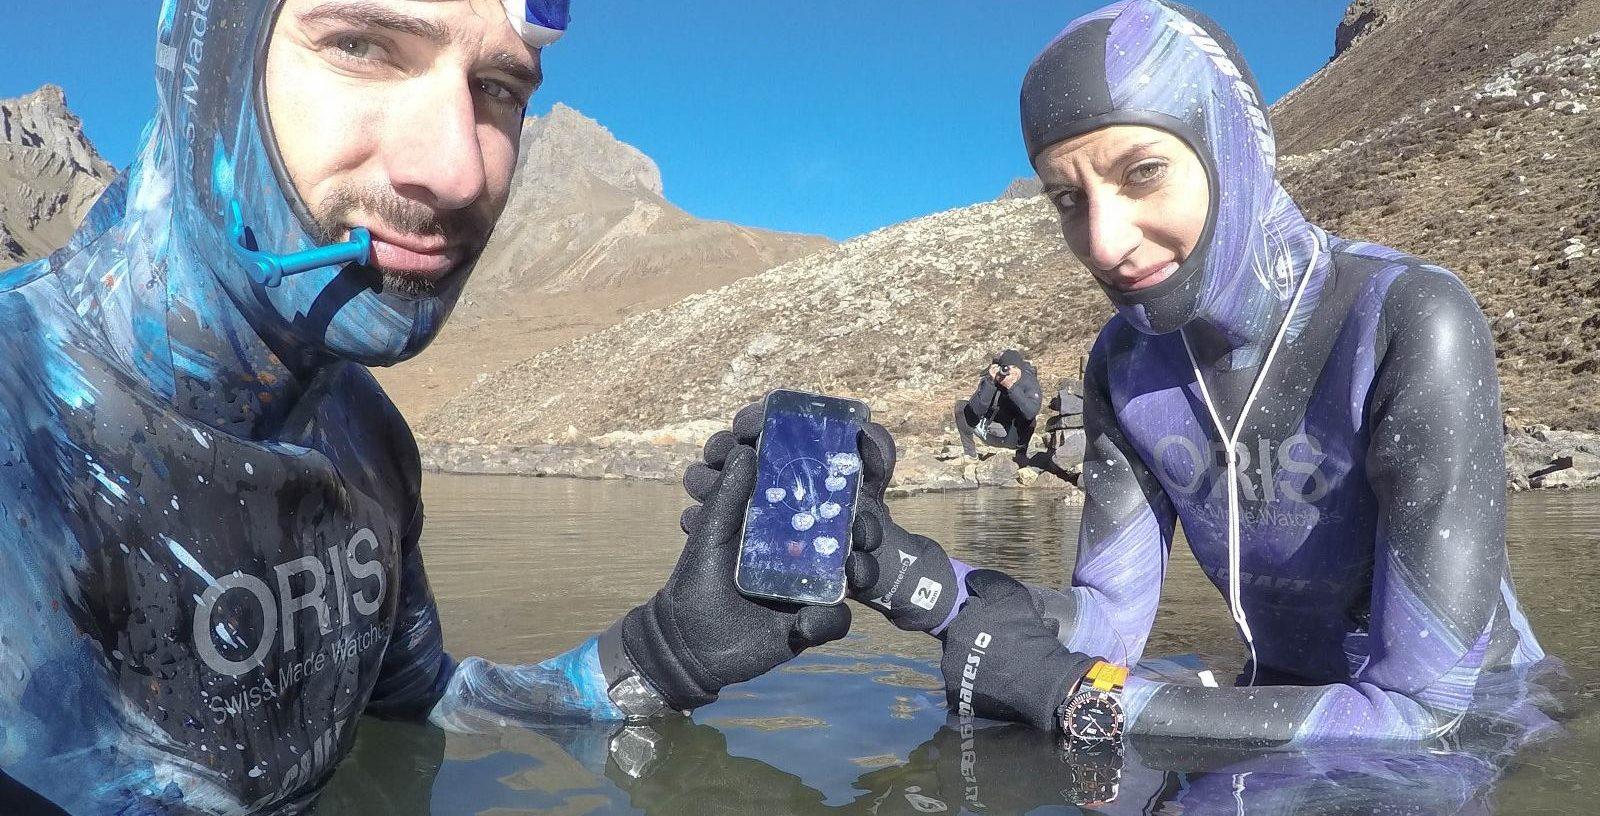 MOBIS.HR i EVOLVEO Službeni sponzori hrvatske ekspedicije Himalaya 2017